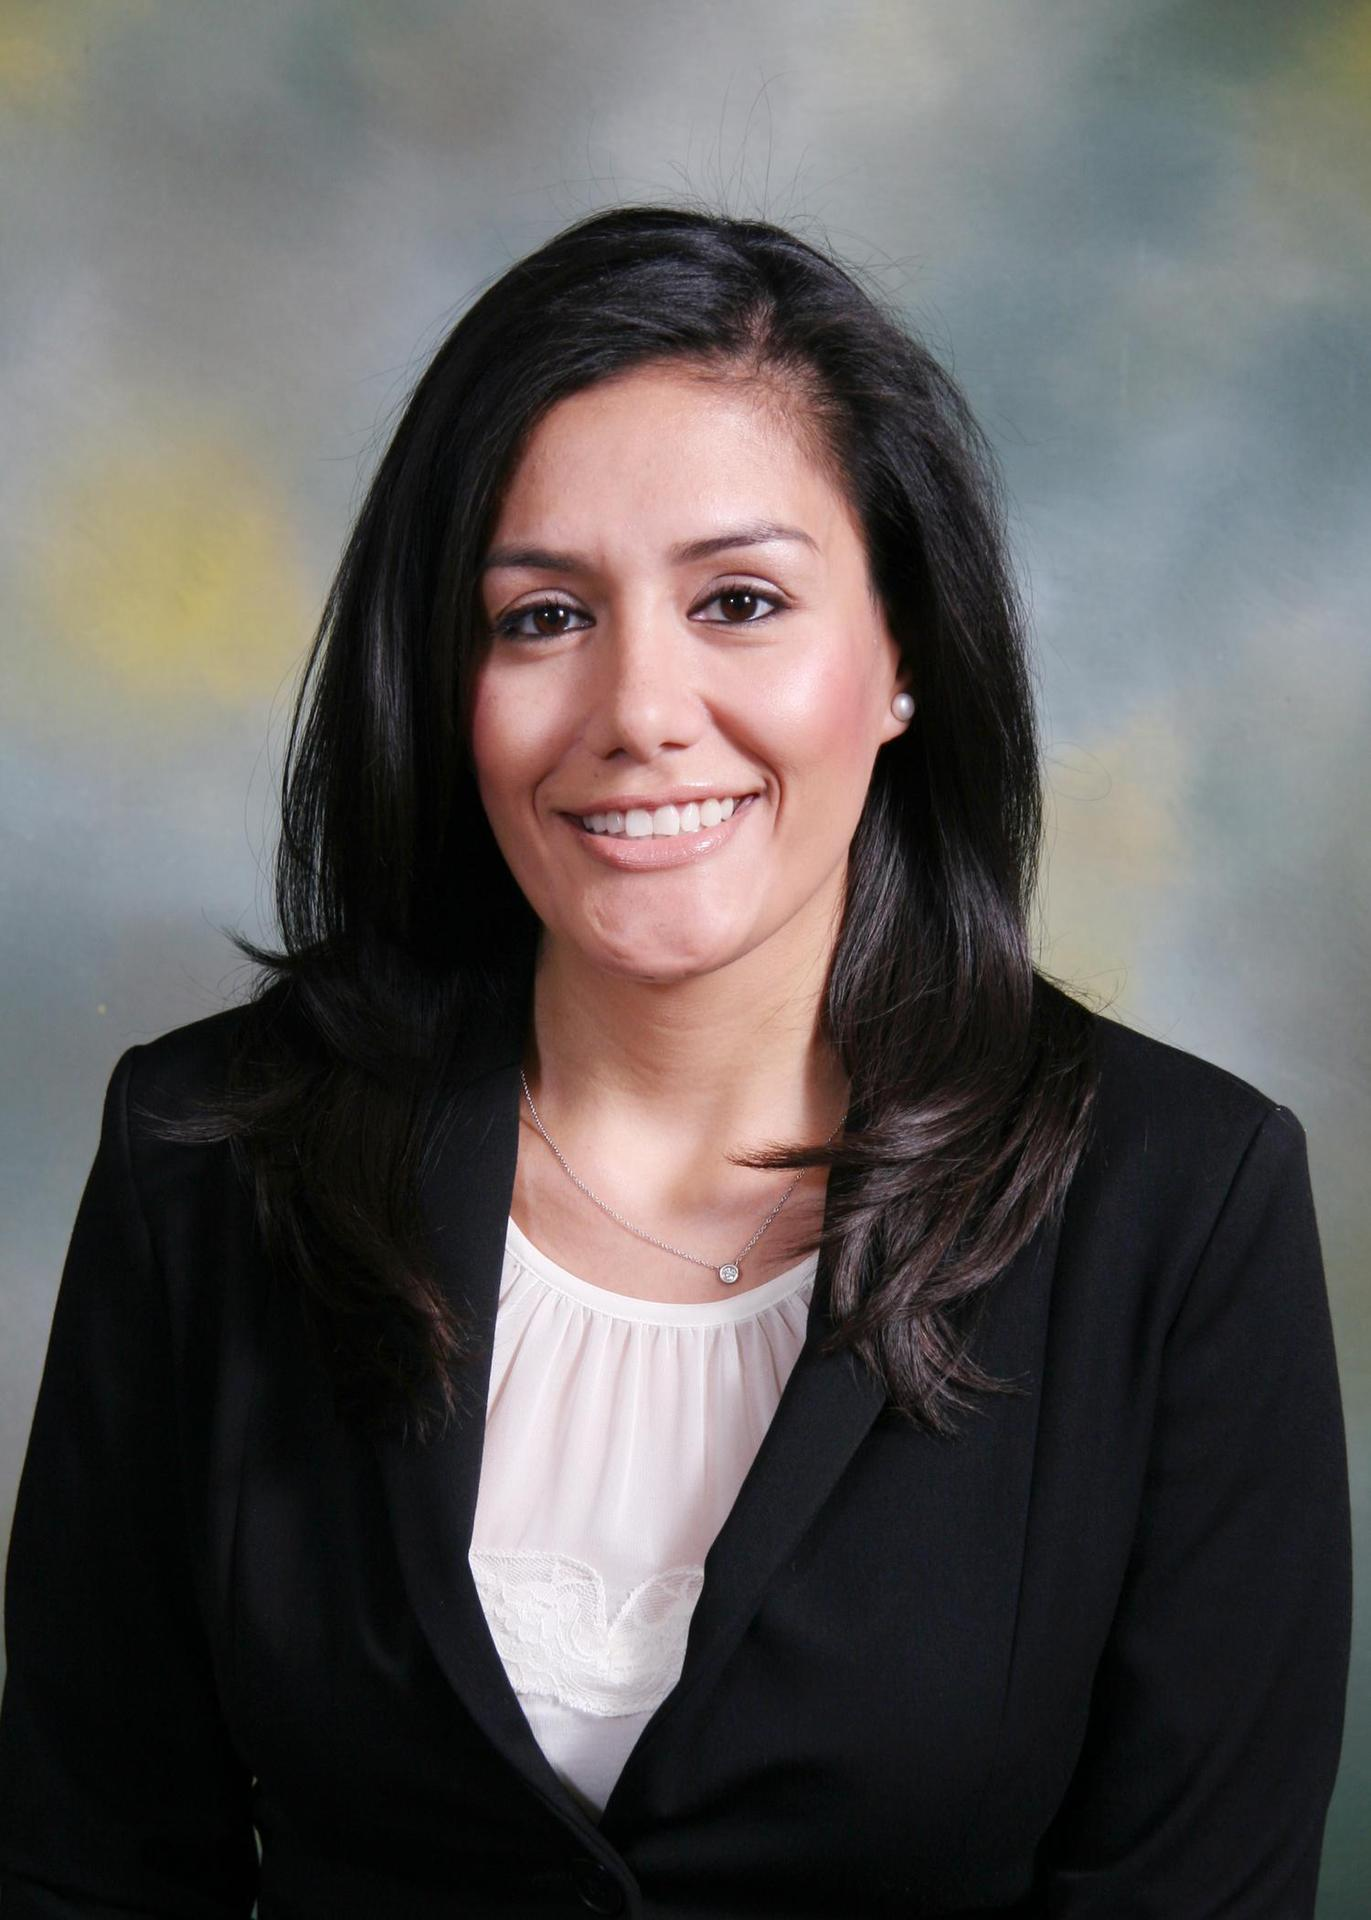 Linda Bermudez